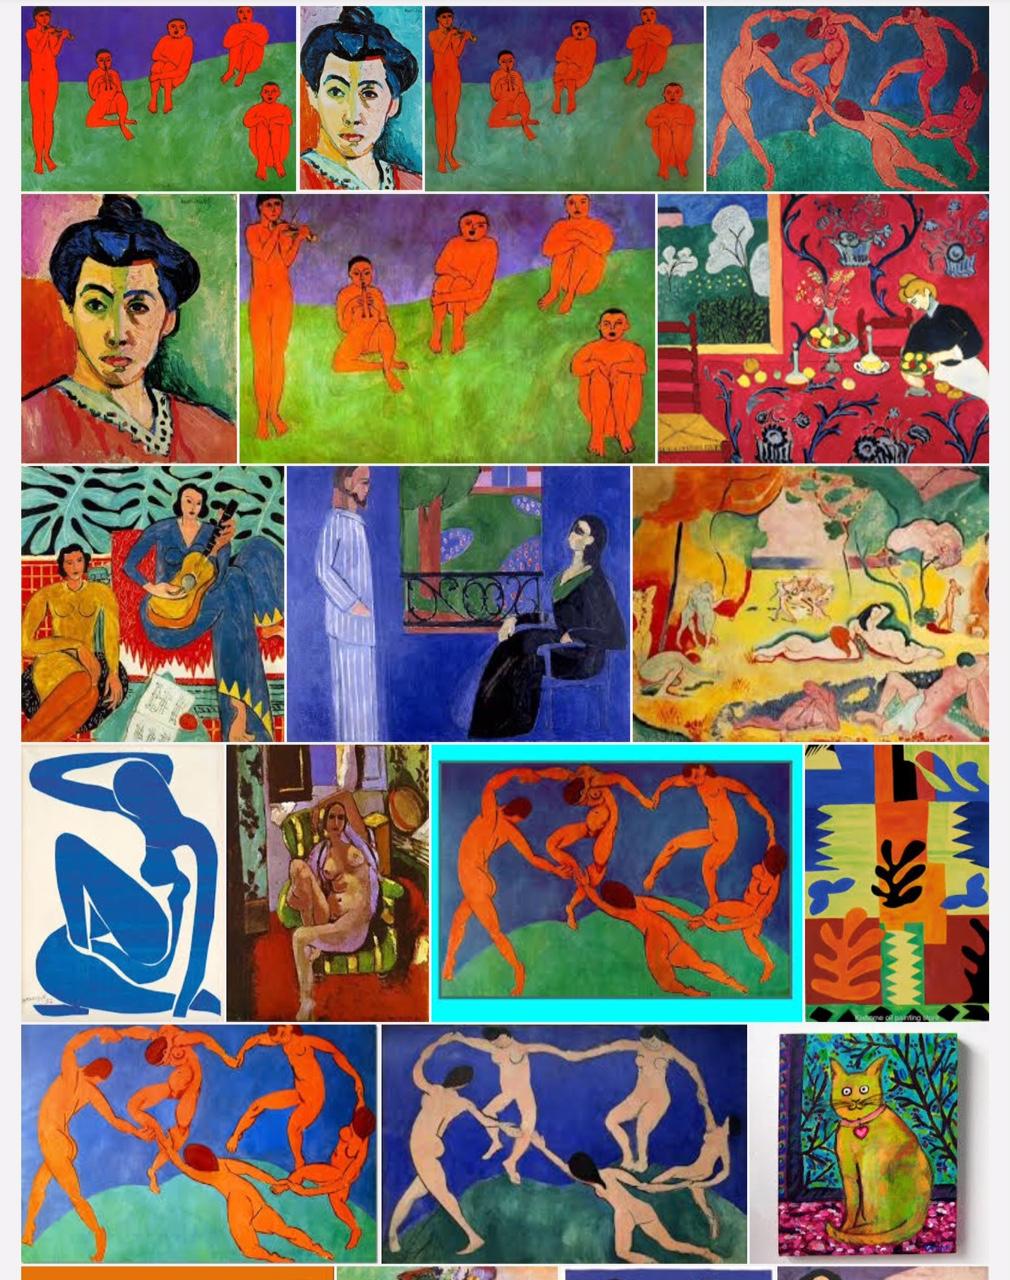 רשימות של צייר – אנרי מאטיס